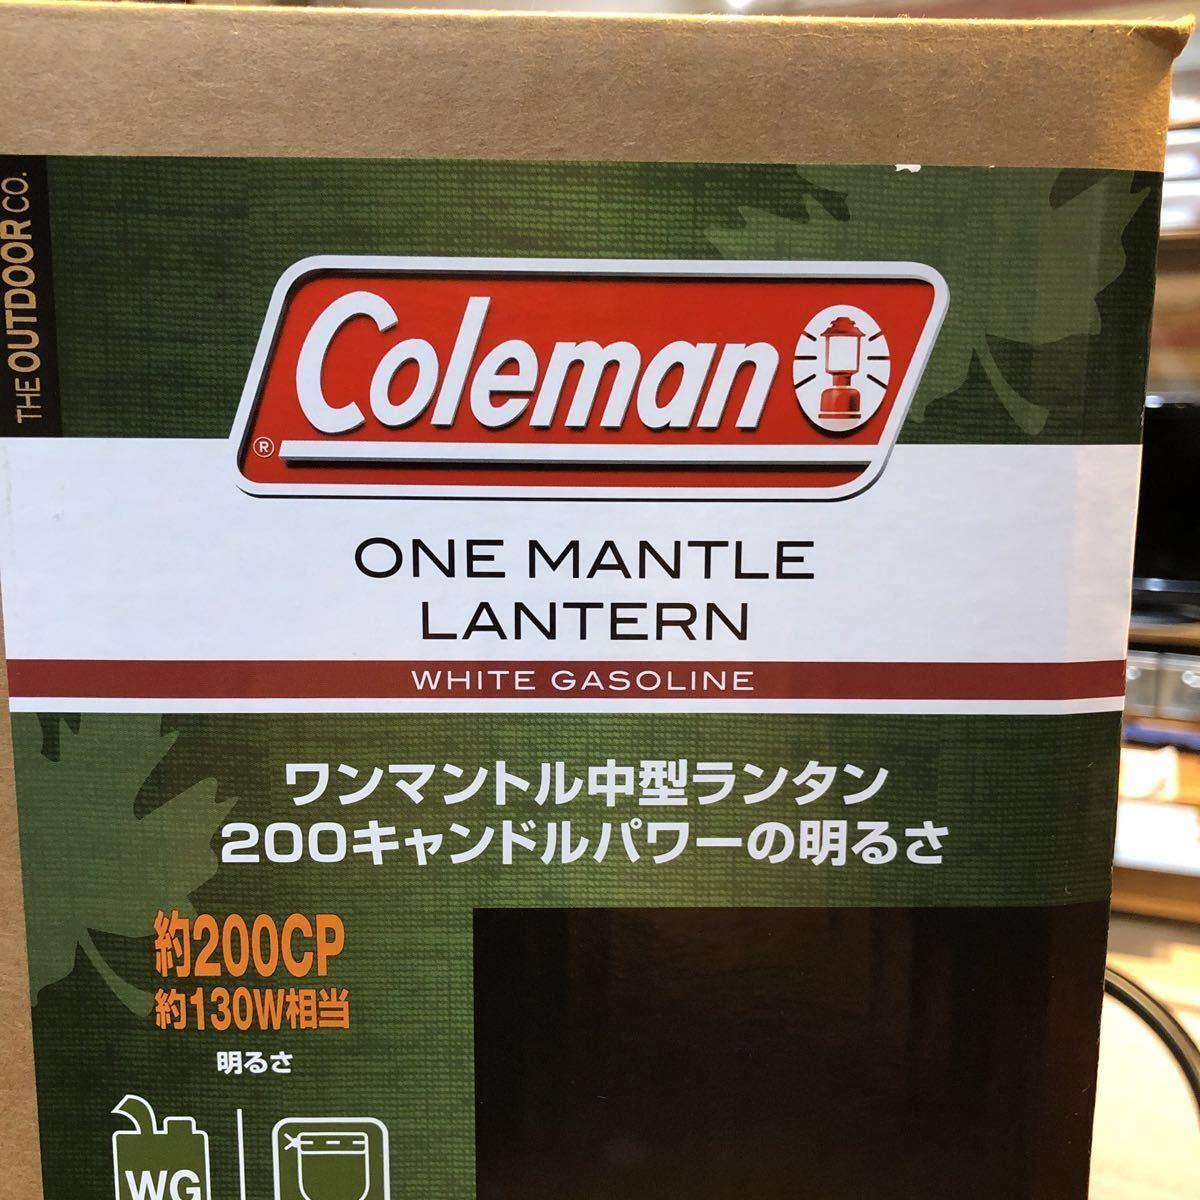 コールマンランタン 286A740J 新品 1年保証